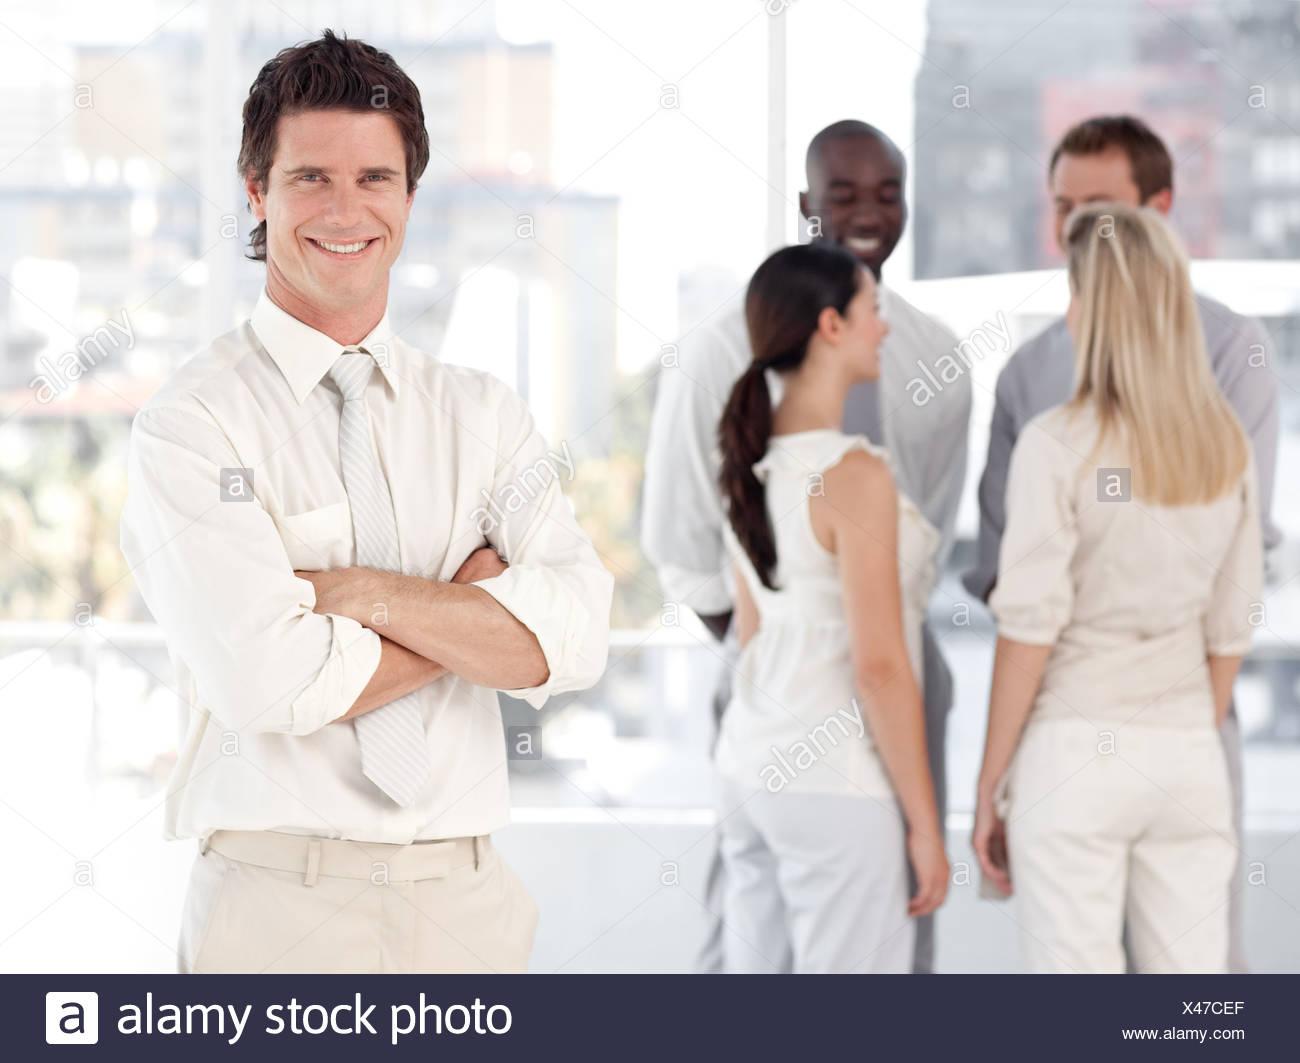 Equipo empresarial mostrando el espíritu y expresan positividad Imagen De Stock